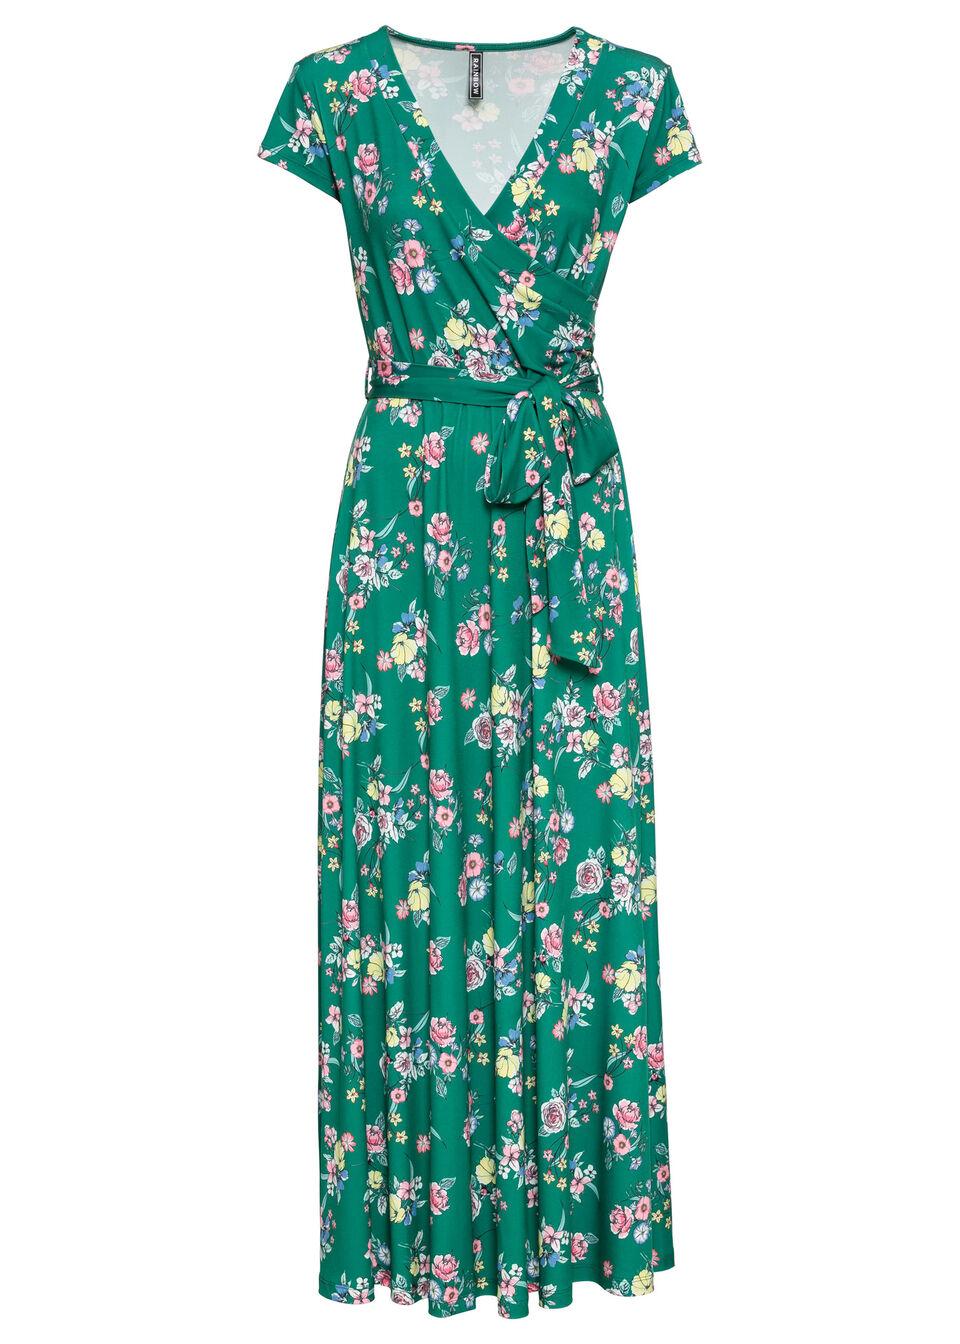 Długa sukienka z założeniem kopertowym bonprix zielony miętowy w kwiaty